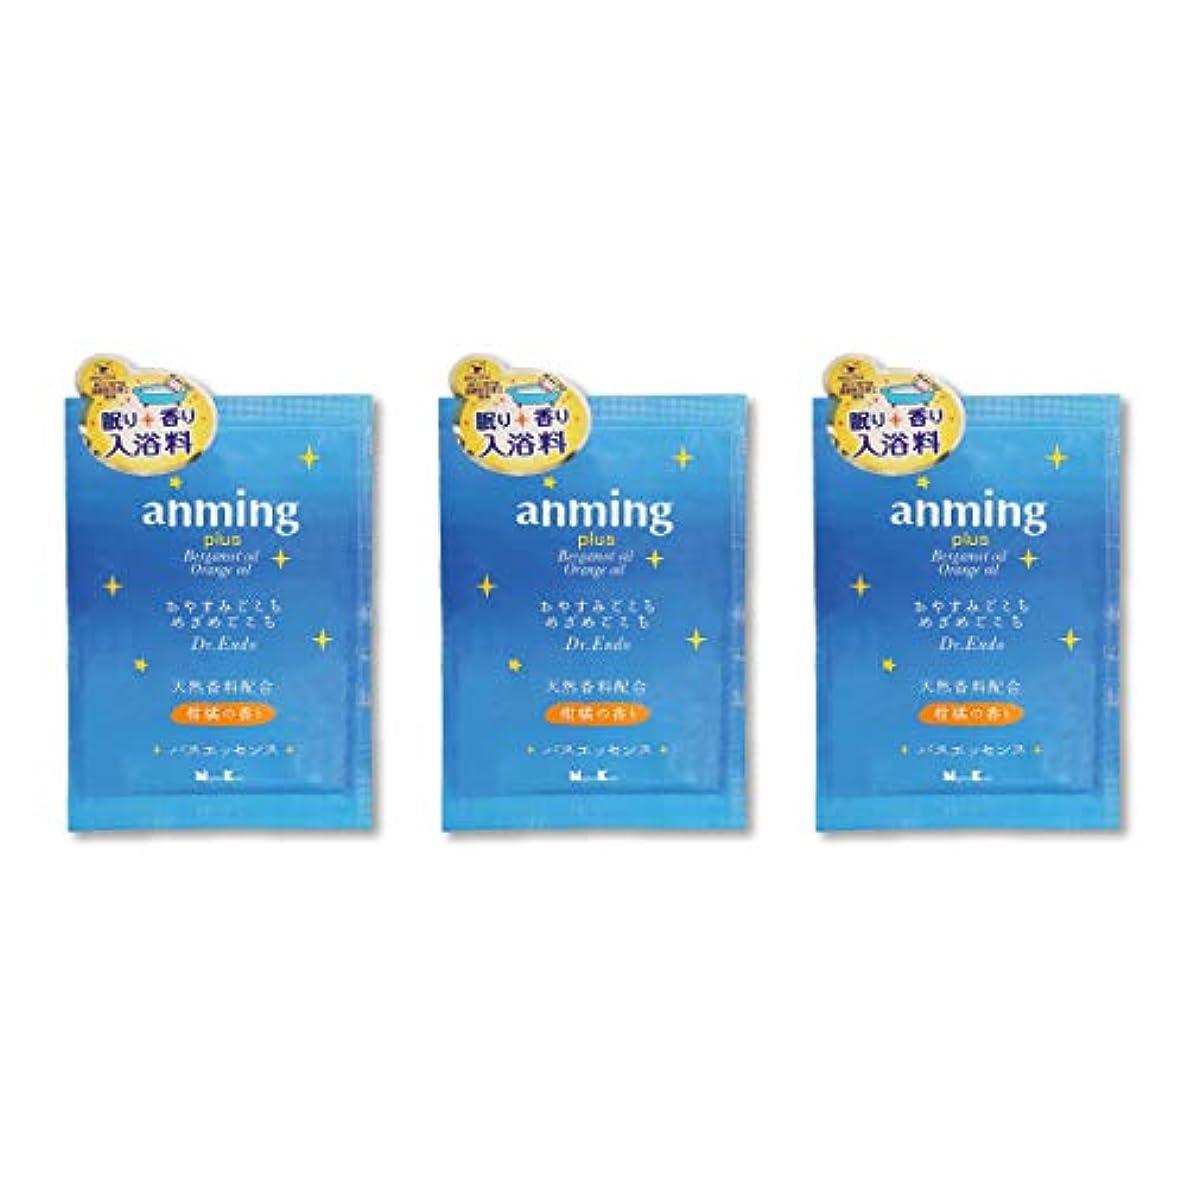 小康ローブキルスアンミング プラス 入浴剤 バスエッセンス (ミニタイプ3袋)